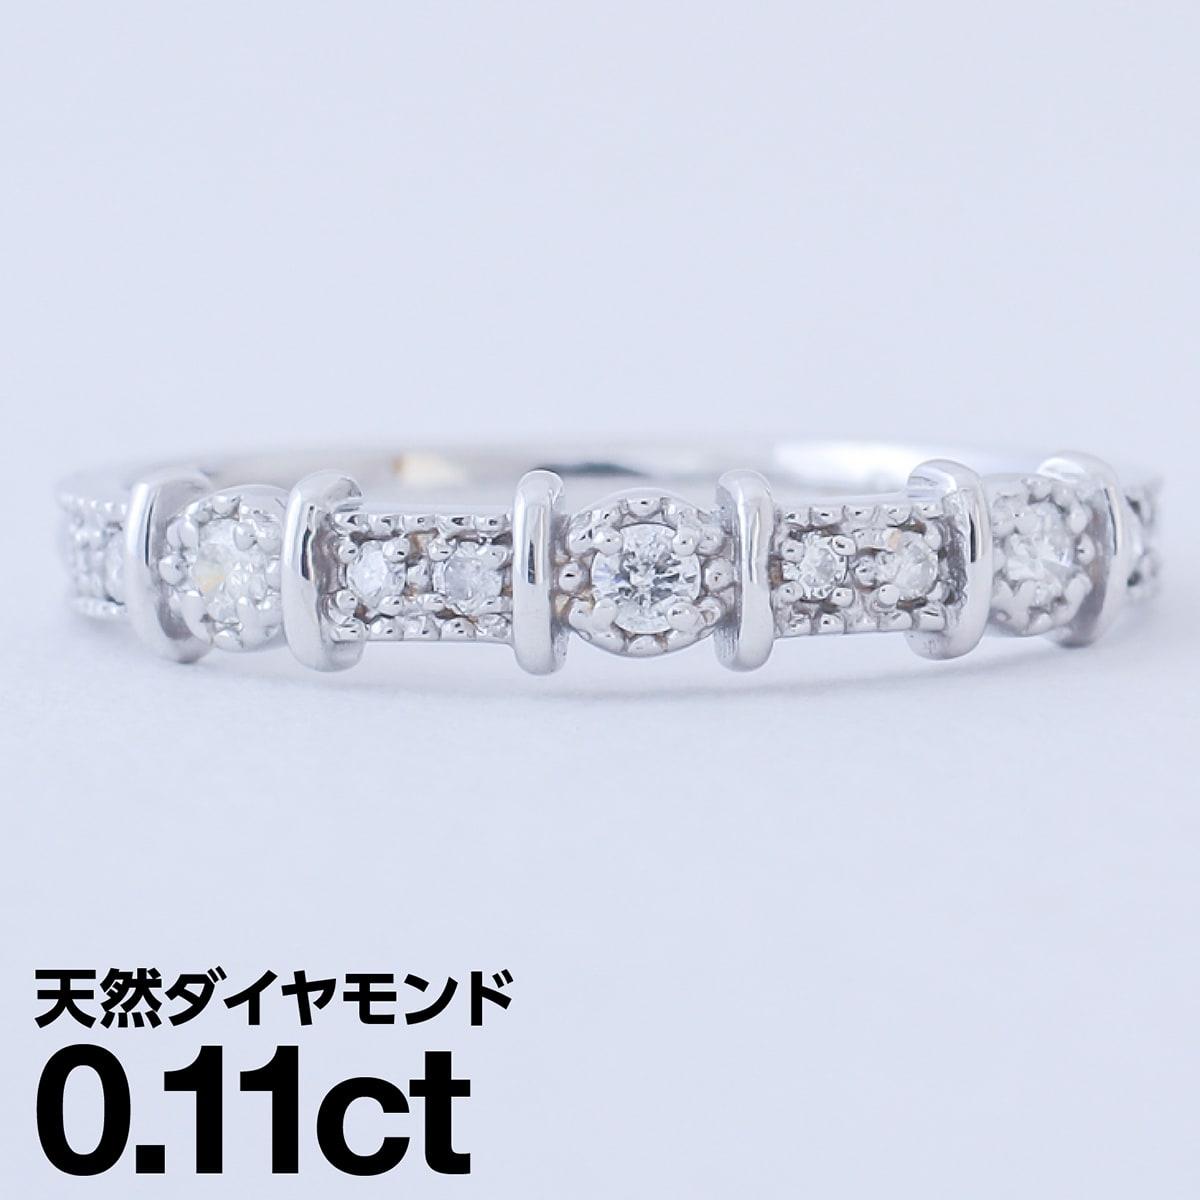 エタニティ リング ダイヤモンド プラチナ900 ファッションリング 品質保証書 金属アレルギー 日本製 誕生日 ギフト